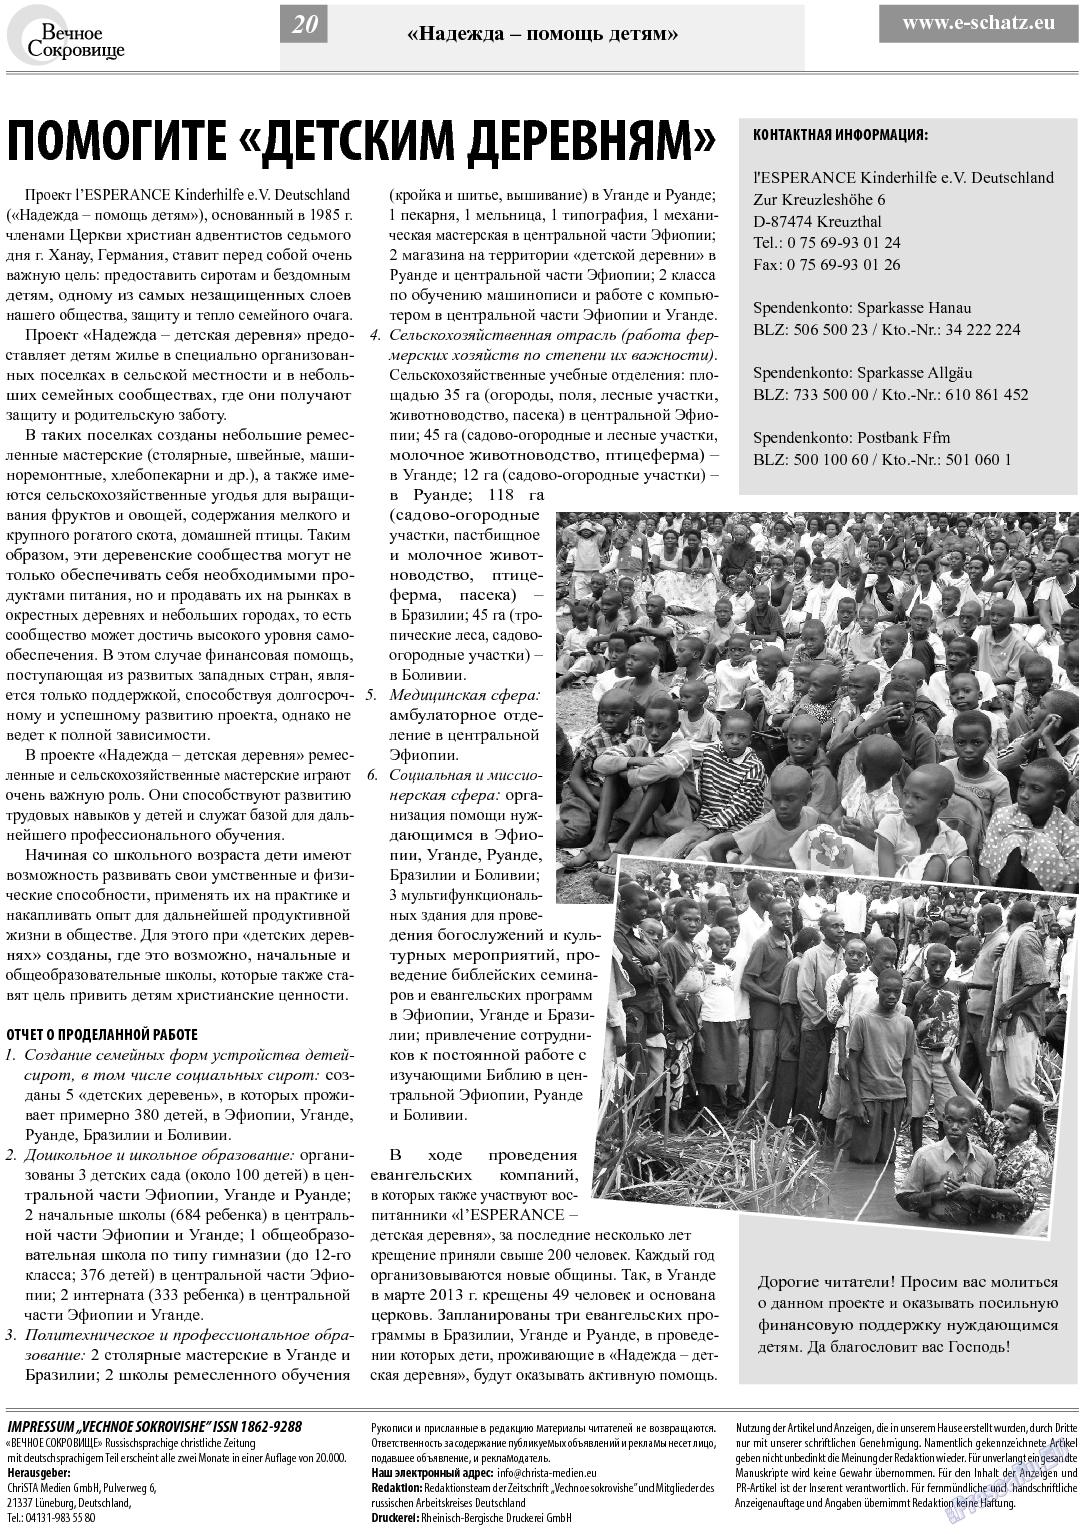 Вечное сокровище (газета). 2013 год, номер 6, стр. 20